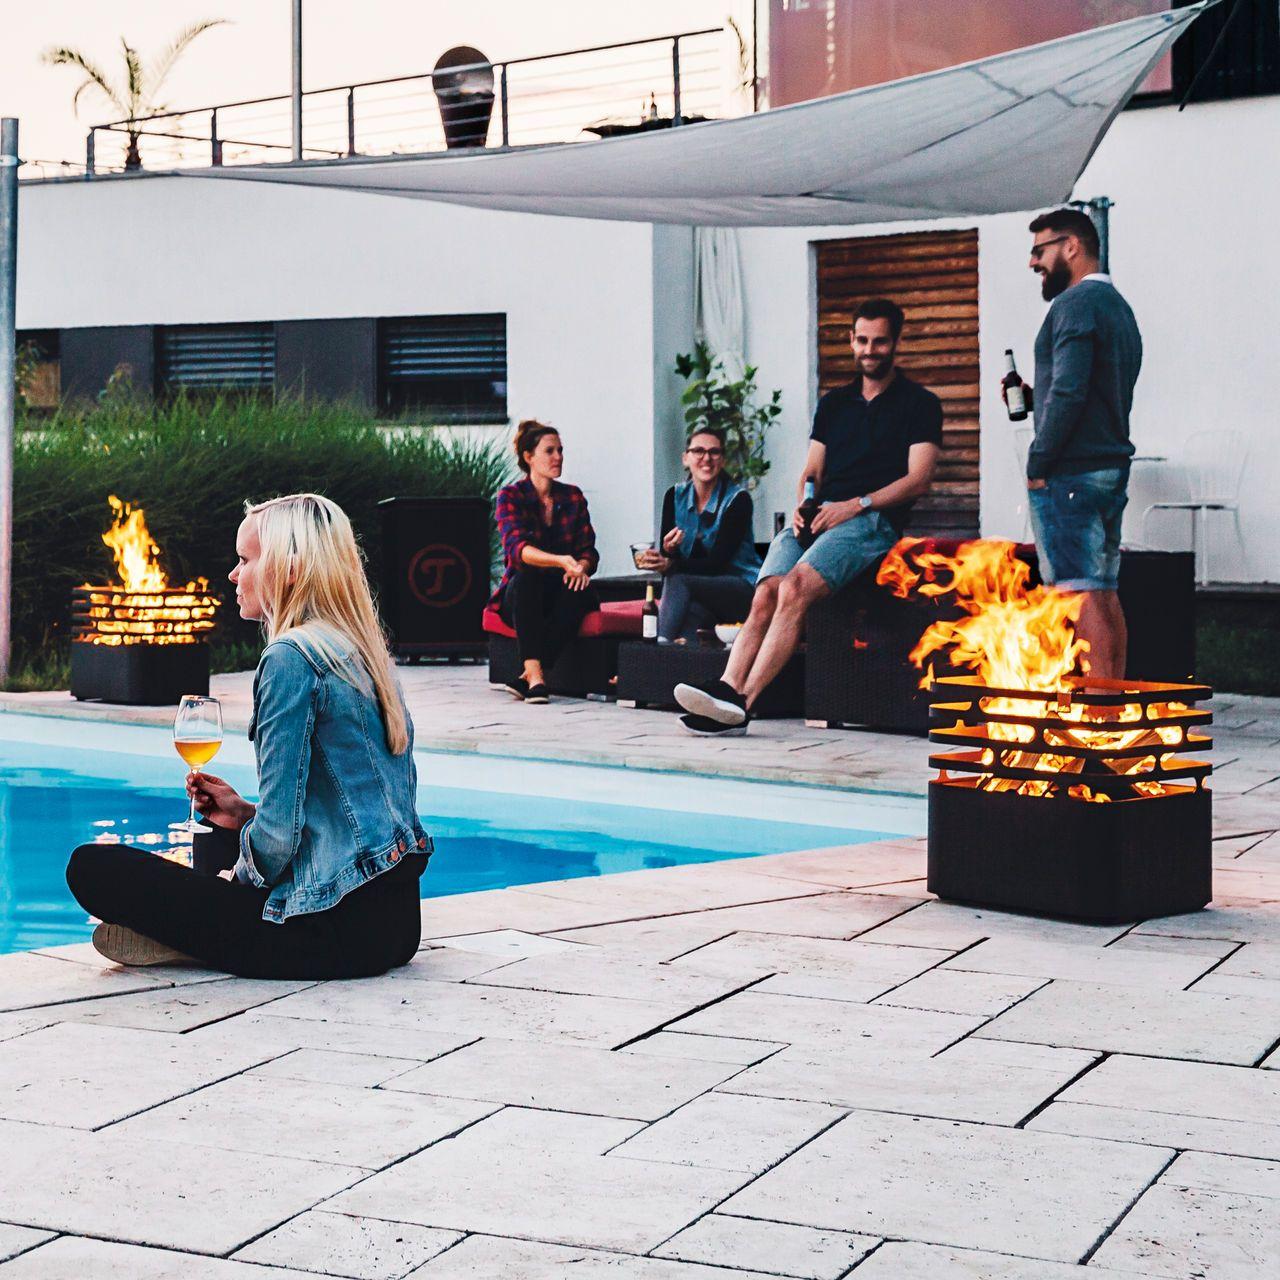 Feuerkorb Cube Einfach Genial Feuerstelle Grill Hocker In Einem Feuerkorb Feuer Feuertonnen